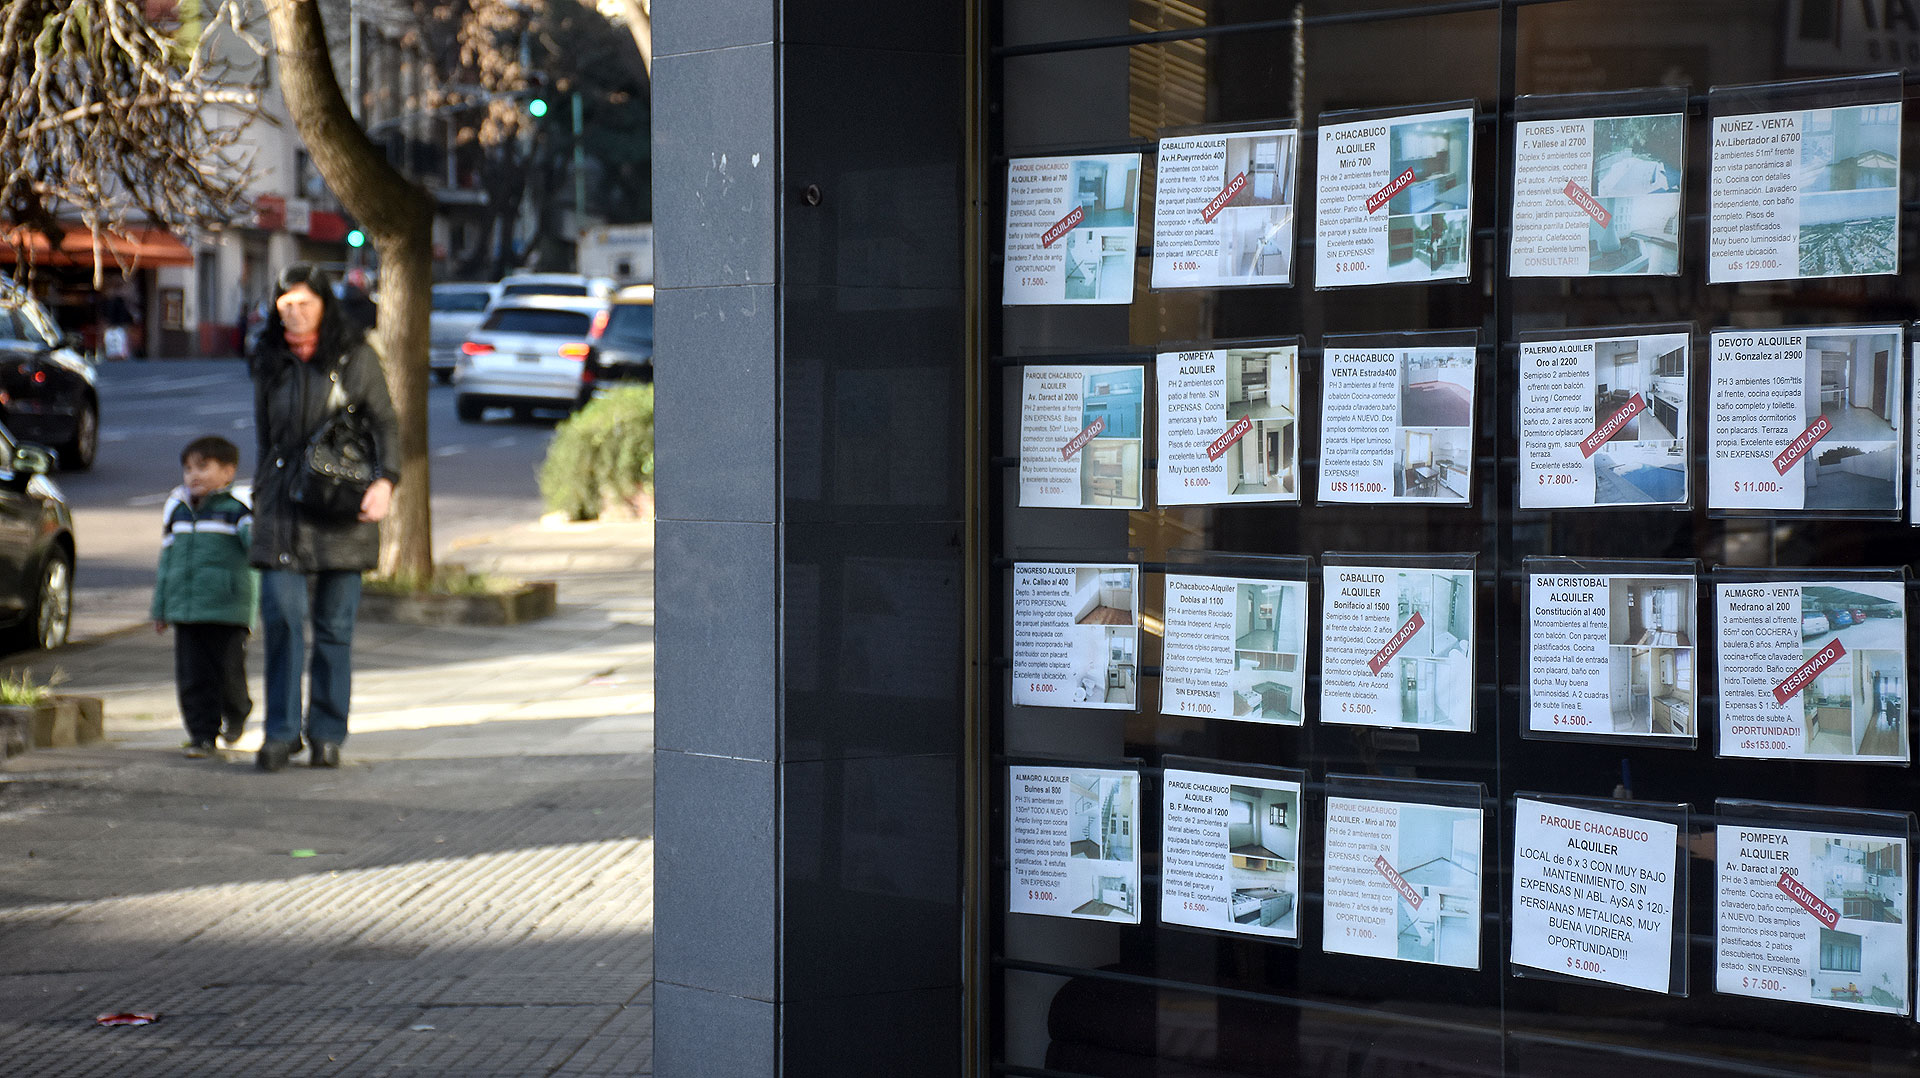 La Ciudad otorgará nuevas facilidades para los inquilinos. (Nicolás Stulberg)